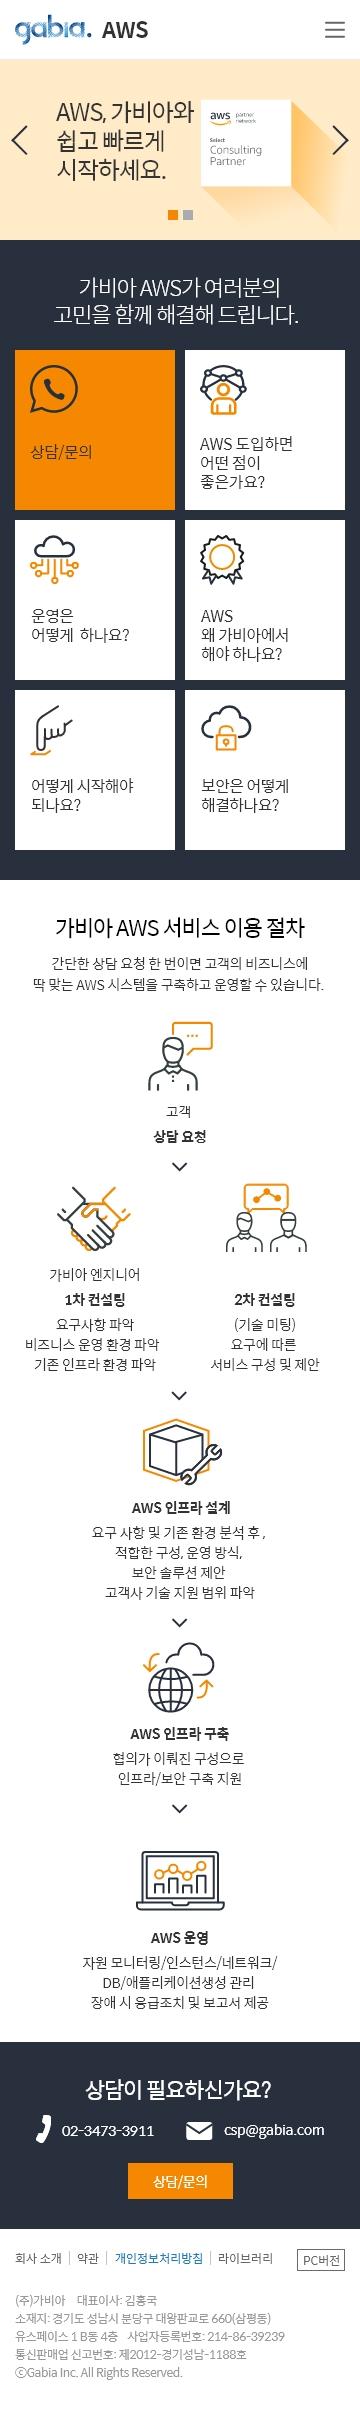 mobile_index_banner1